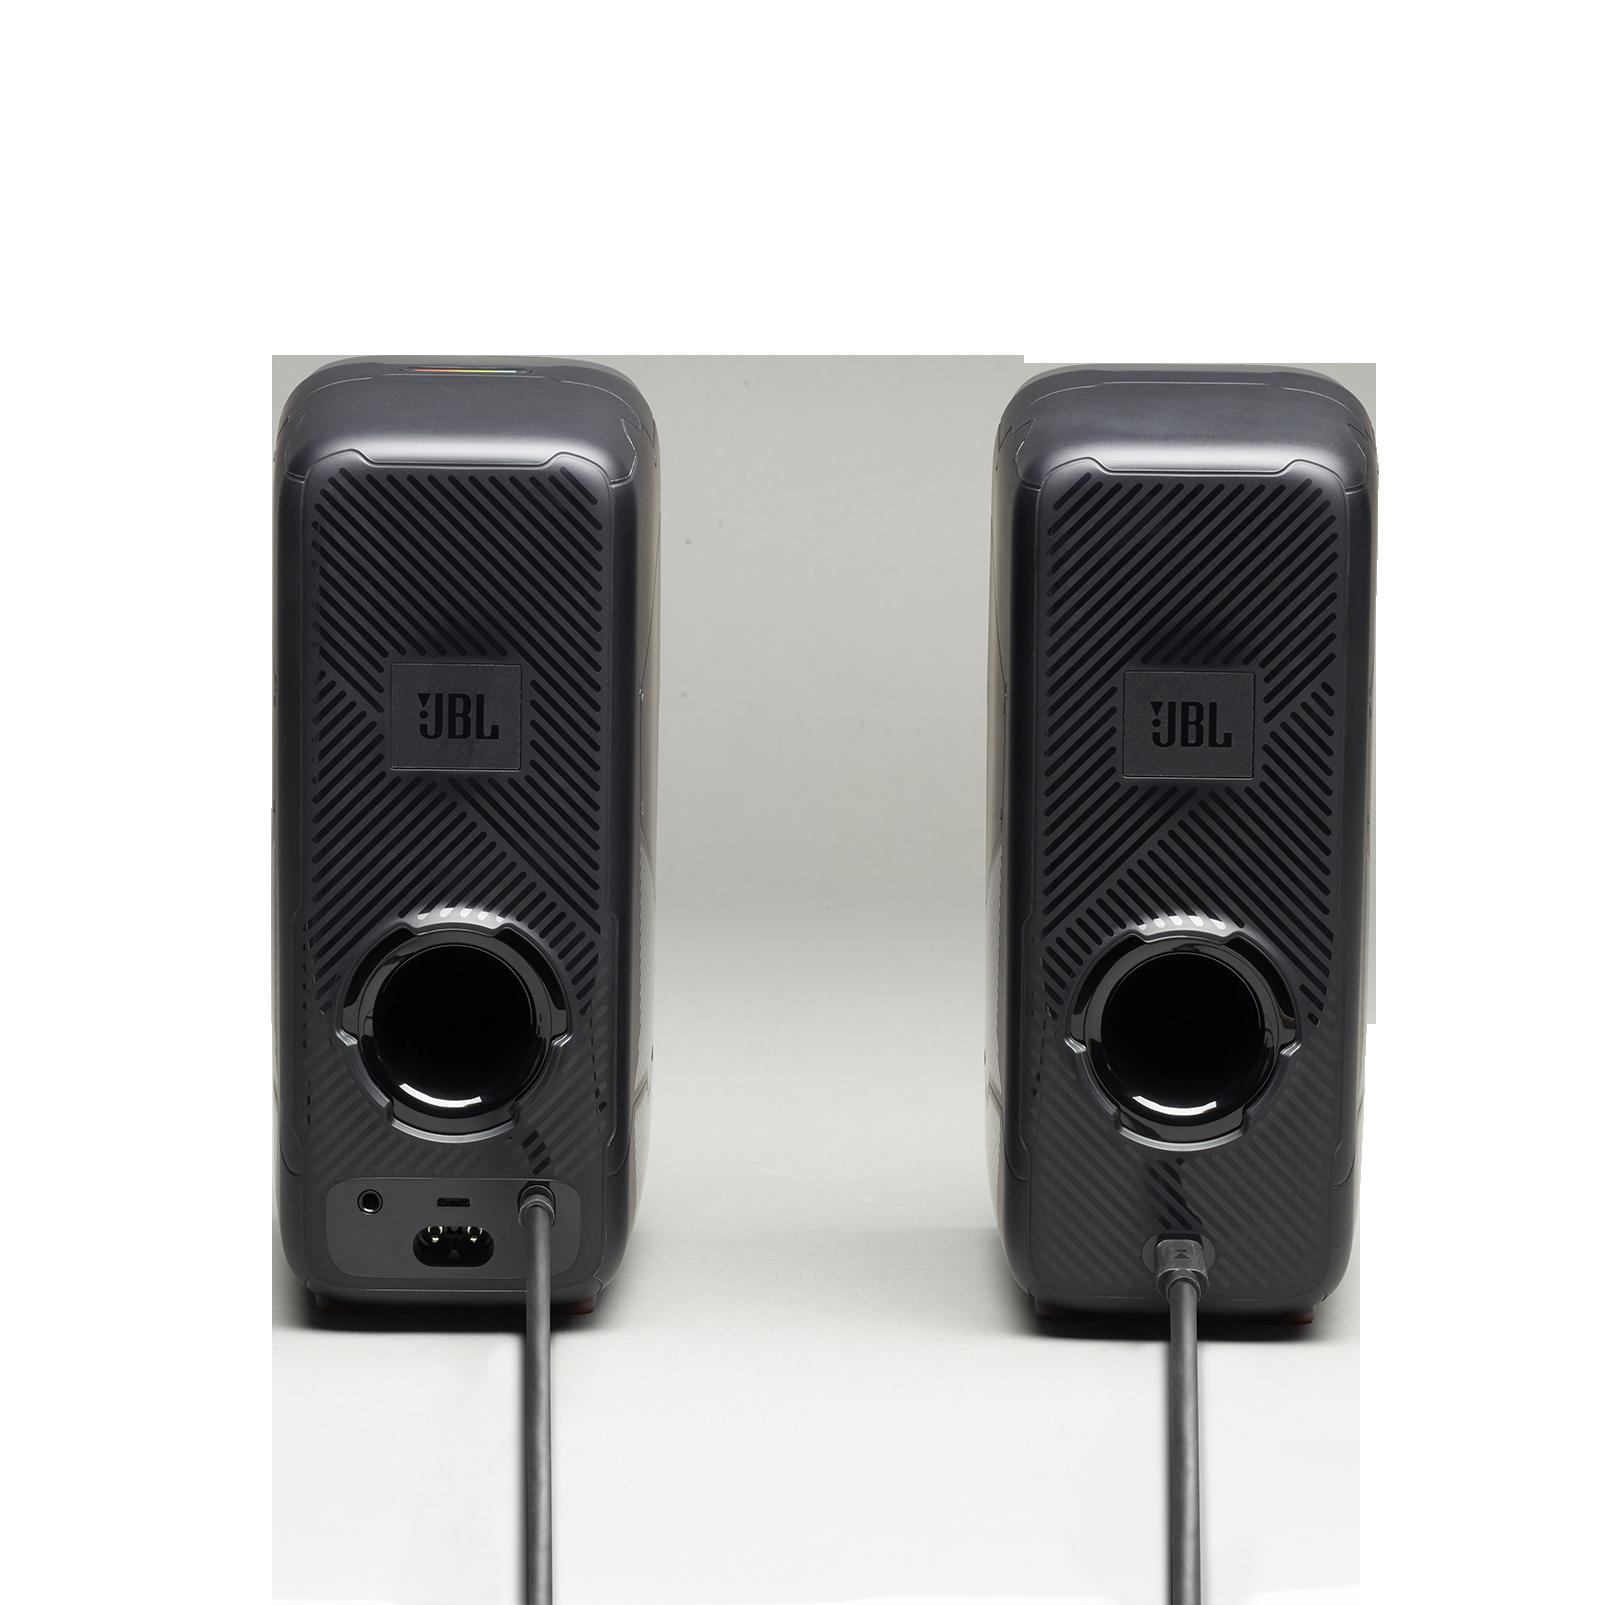 JBL Quantum Duo - Black Matte - PC Gaming Speakers - Back